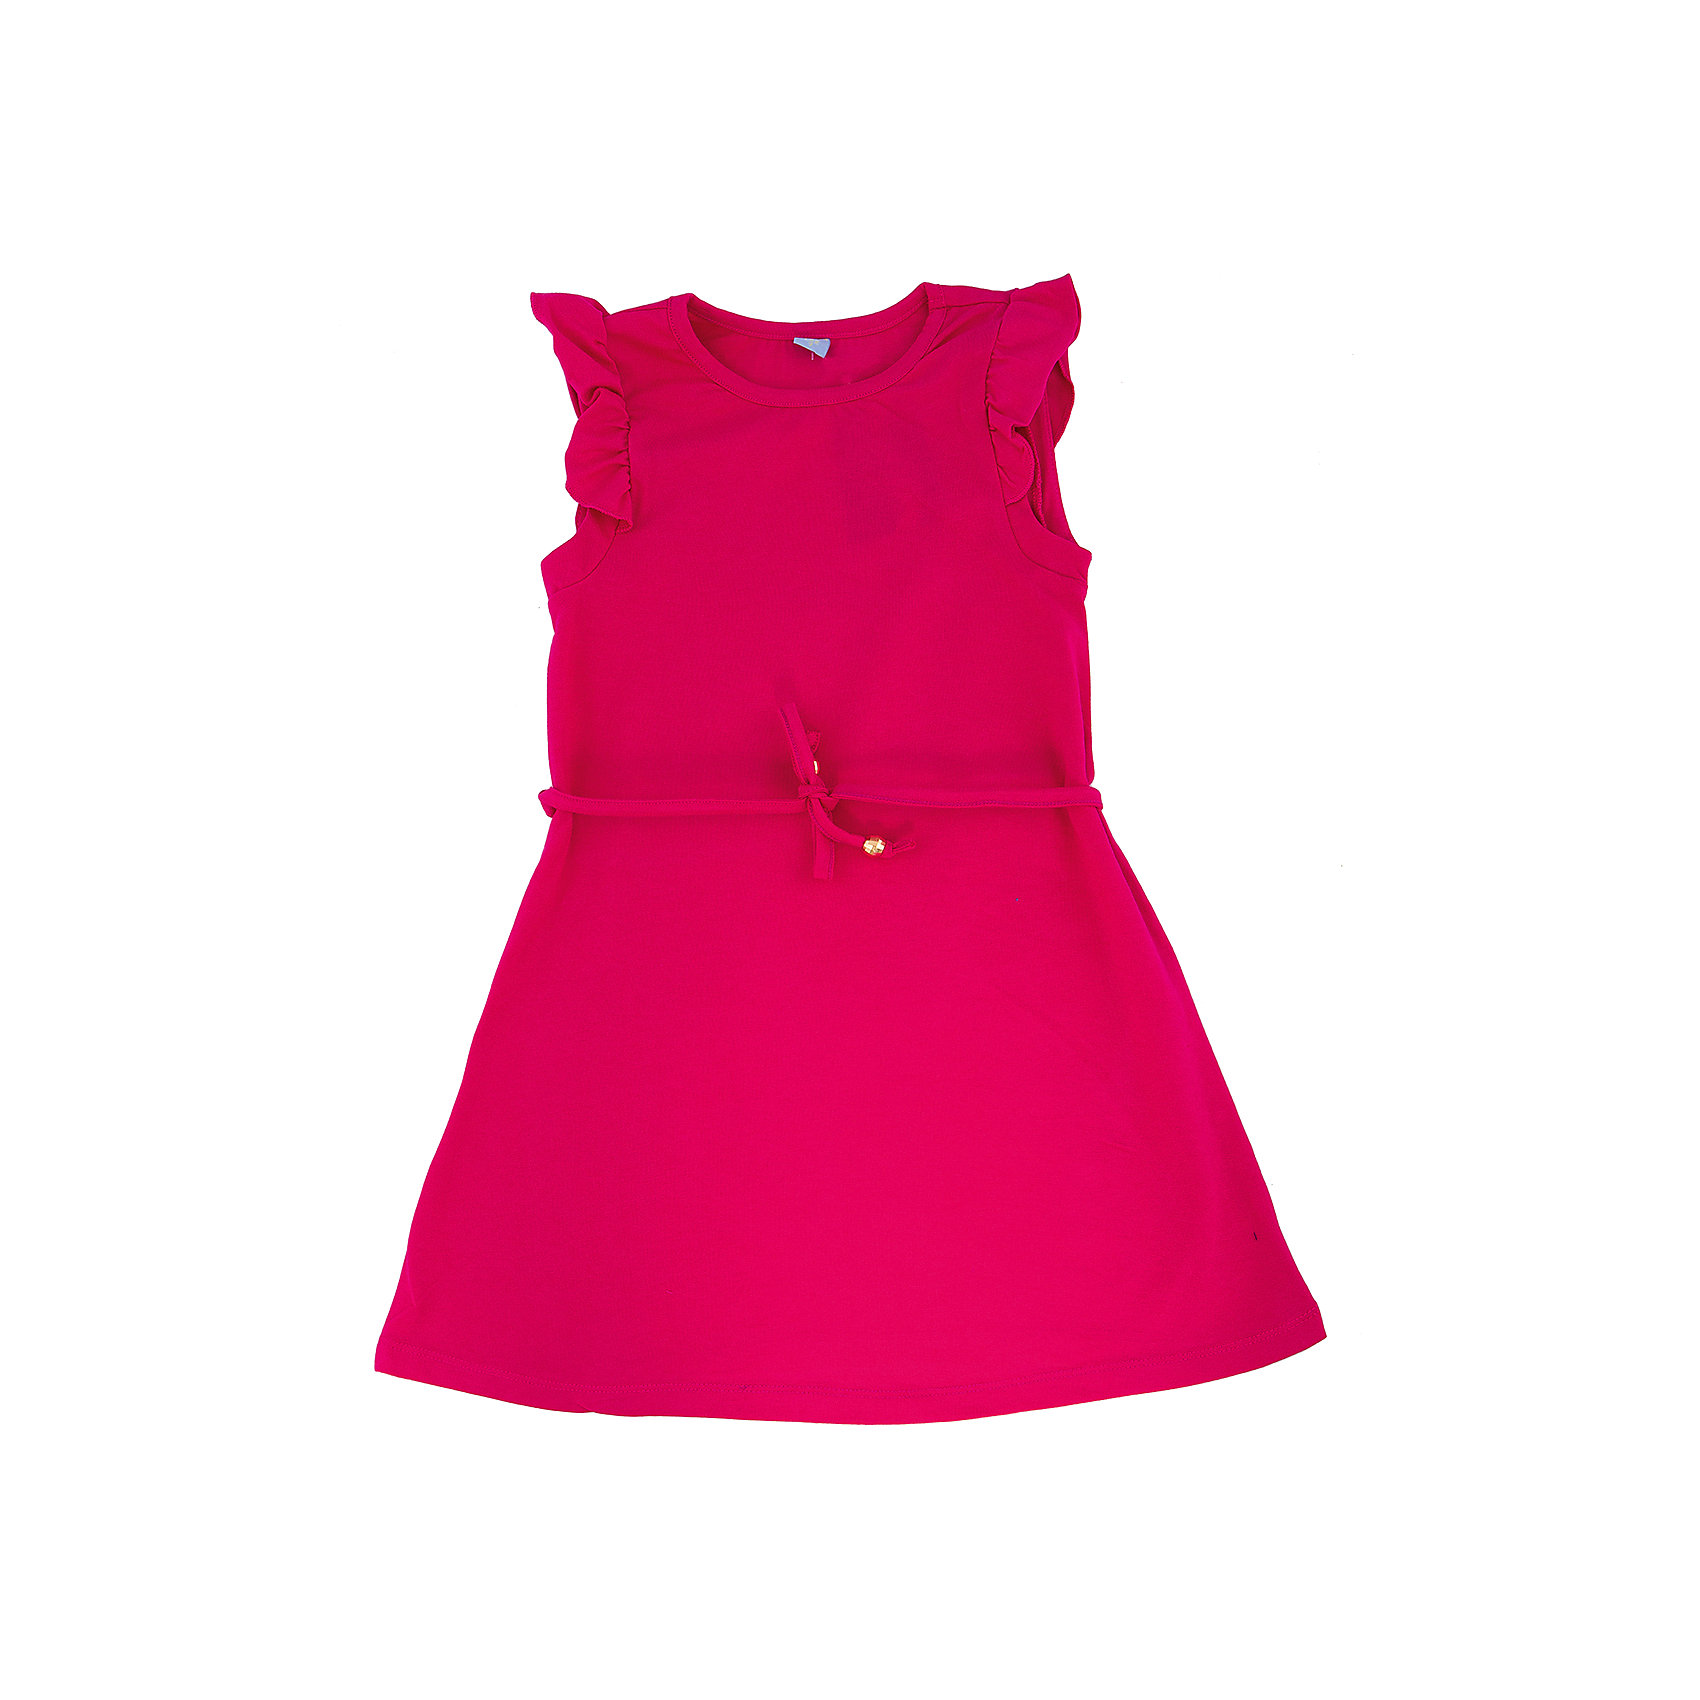 Платье для девочки DAUBERПлатья и сарафаны<br>Платье для девочки с коротким рукавом из высококачественного хлопка с  лайкрой.  Состав:95%хлопок 5%лайкра<br><br>Ширина мм: 236<br>Глубина мм: 16<br>Высота мм: 184<br>Вес г: 177<br>Цвет: розовый<br>Возраст от месяцев: 144<br>Возраст до месяцев: 156<br>Пол: Женский<br>Возраст: Детский<br>Размер: 158,122,164,152,140,128,134,146<br>SKU: 4631022